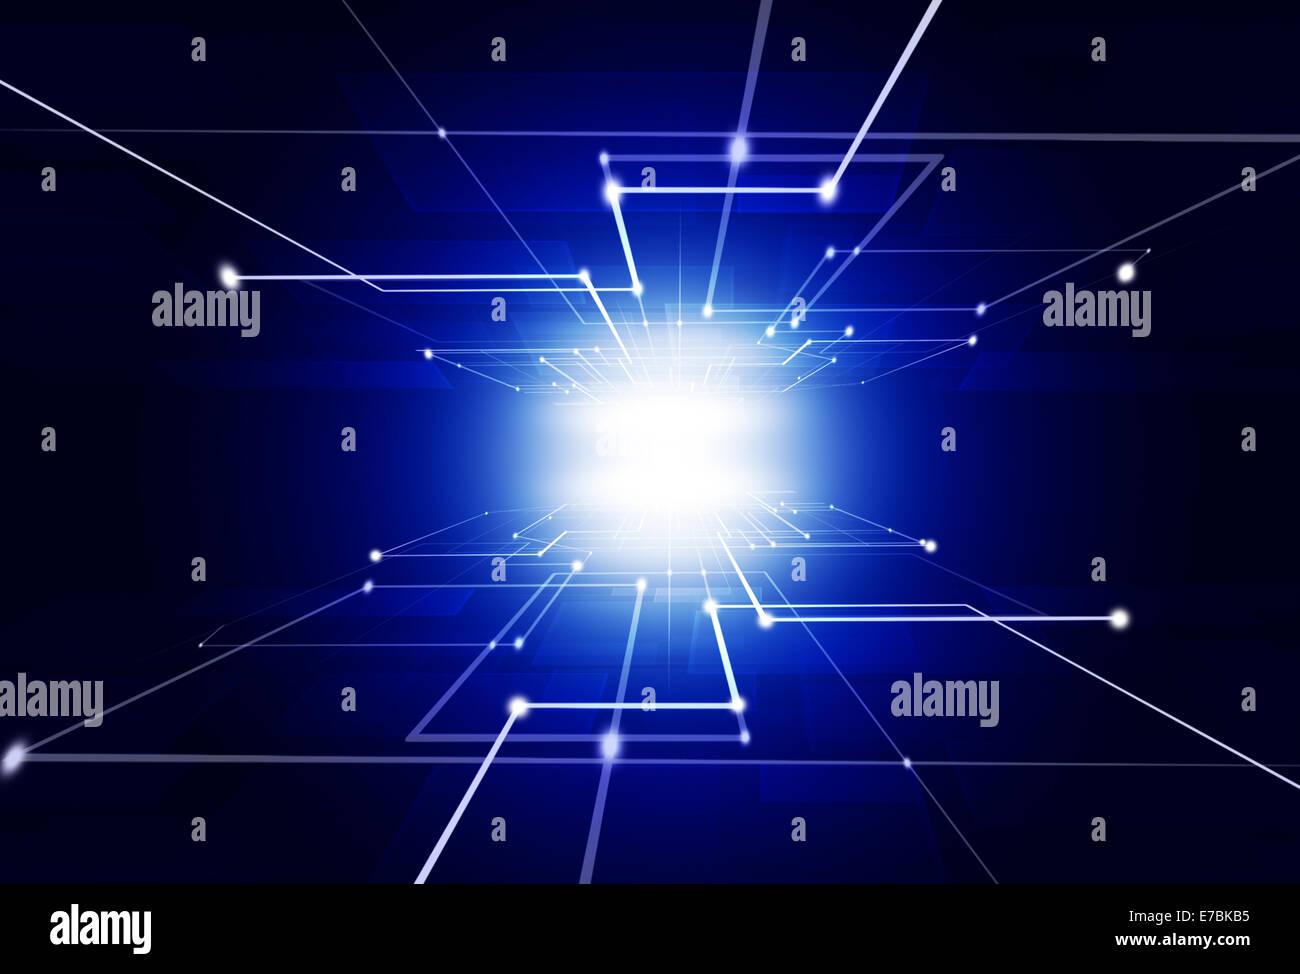 Tecnologia abstrcat business connection sfondo blu scuro Immagini Stock